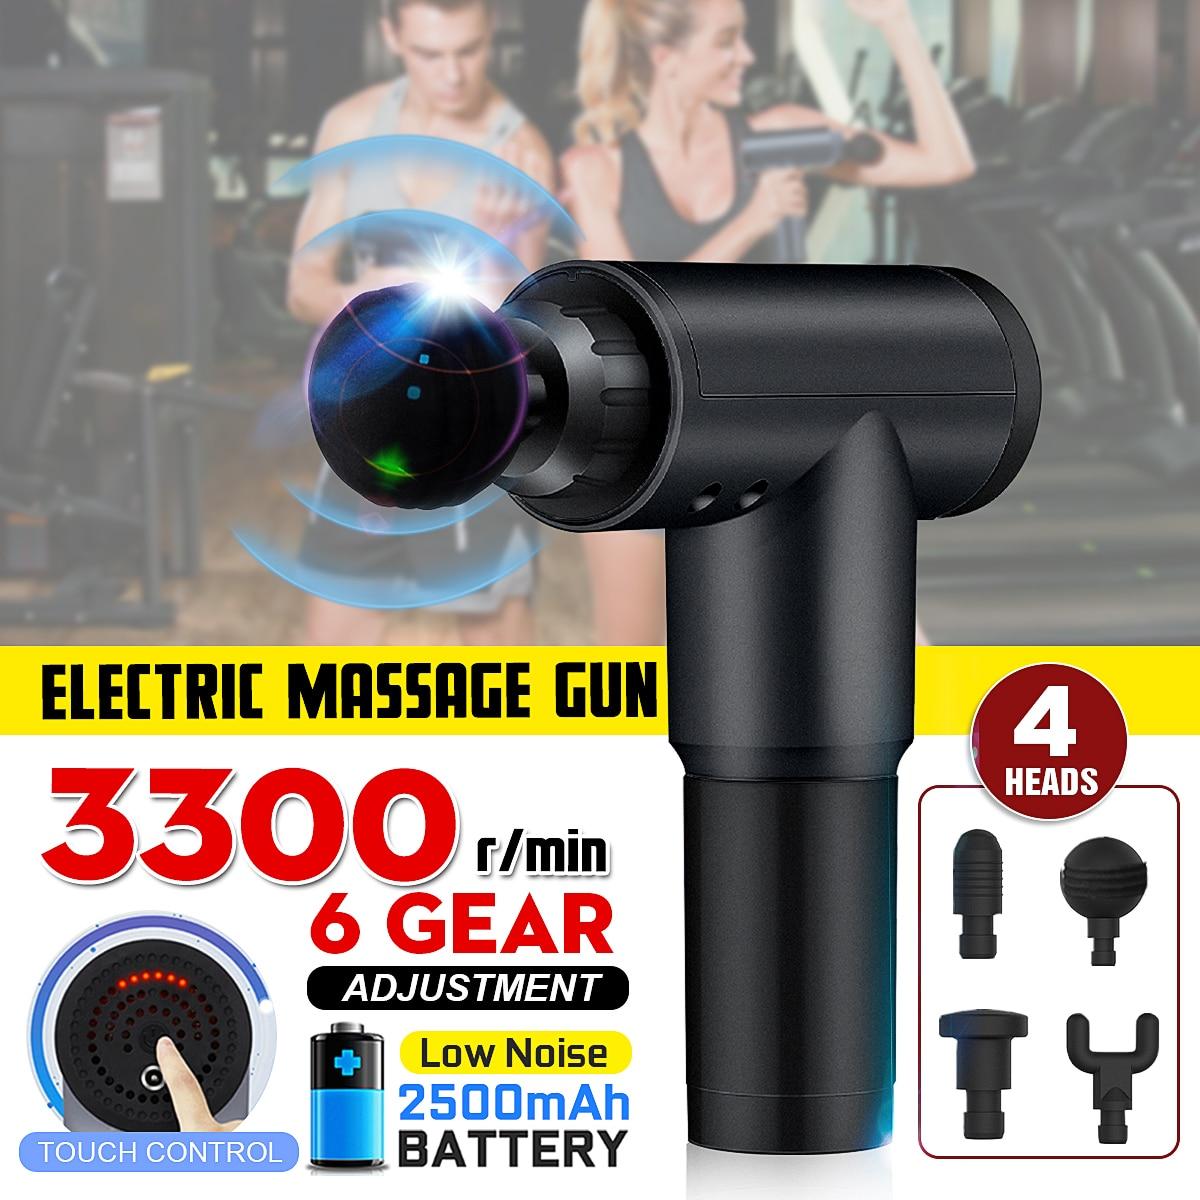 Elektronische Therapie Körper Massage Guns 3 Dateien 24V Bürstenlosen LED Massage Pistolen Körper Muskeln Entspannen Relief Schmerzen Mit 4 köpfe